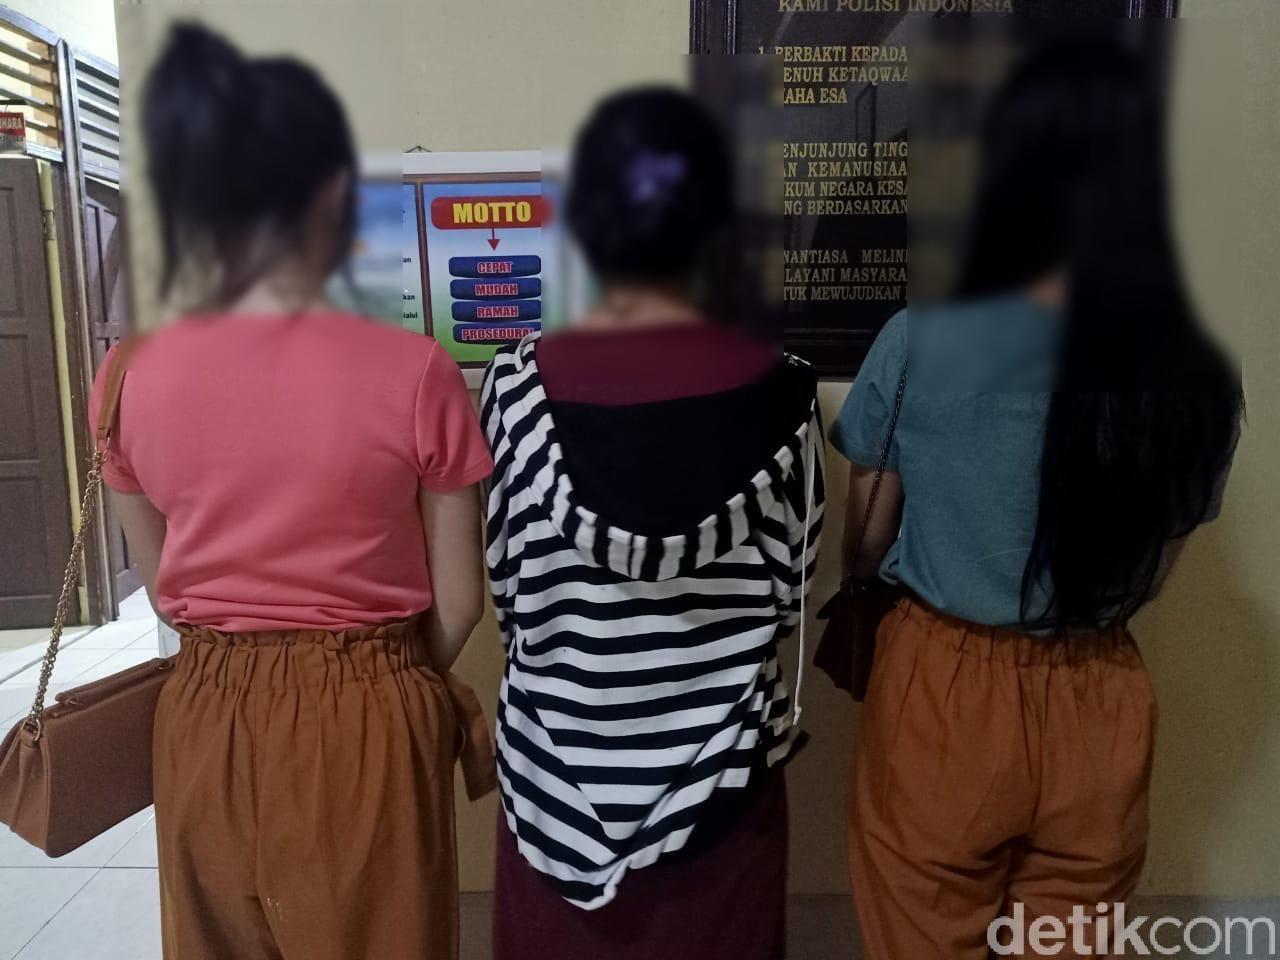 Aksi Konyol Siswi SMA Lepas Bra Di Social Media Halaman 2